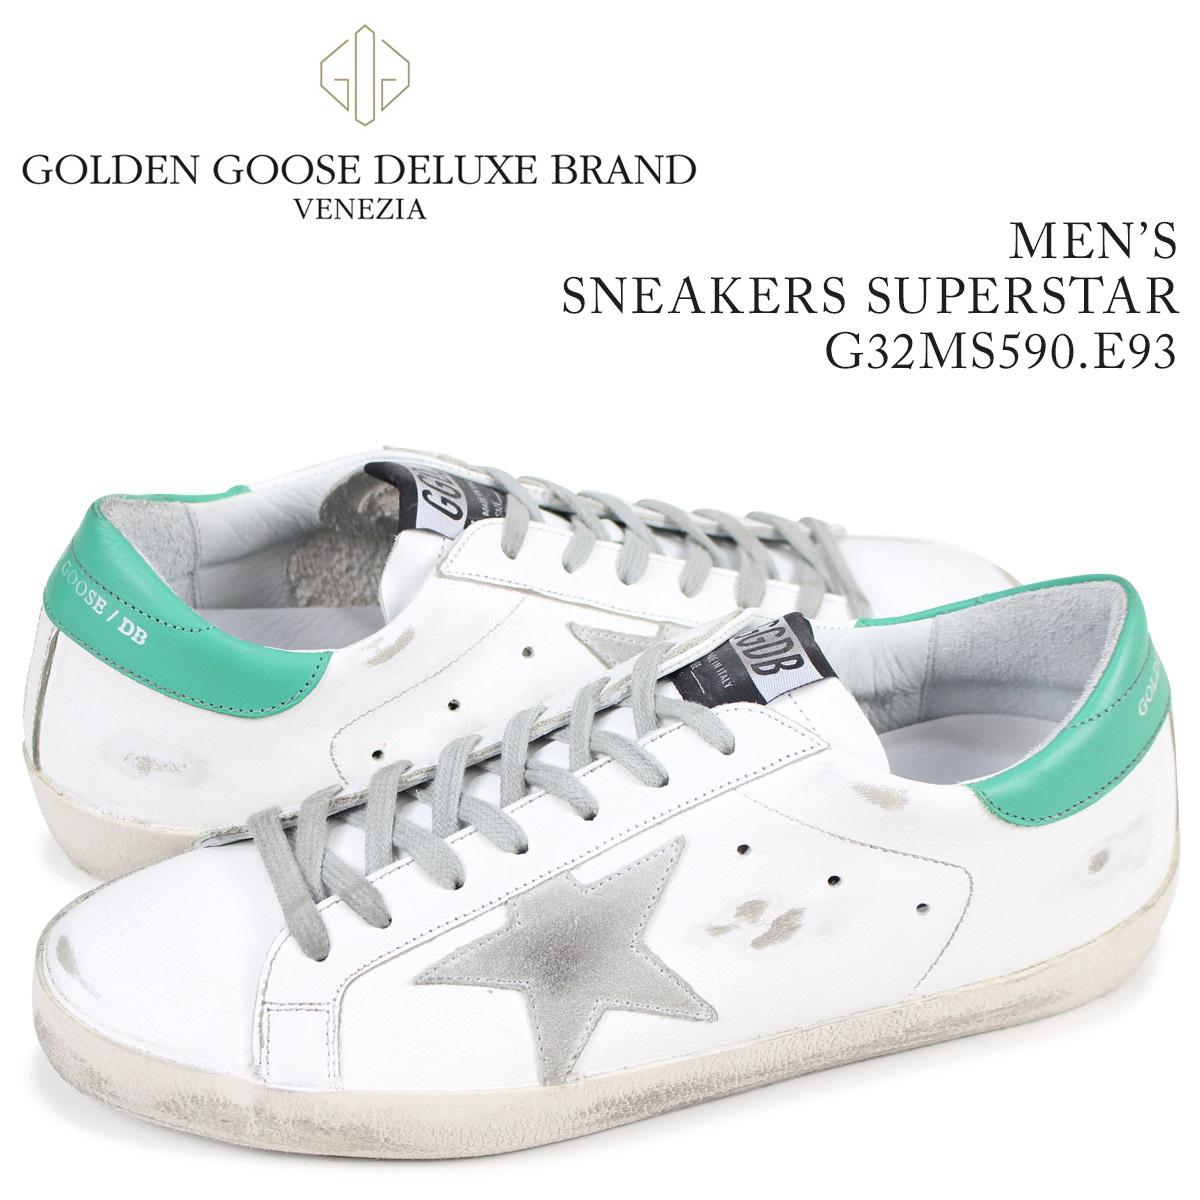 ゴールデングース Golden Goose スニーカー メンズ スーパースター SNEAKERS SUPERSTAR ホワイト G32MS590 E93 【決算セール 返品不可】